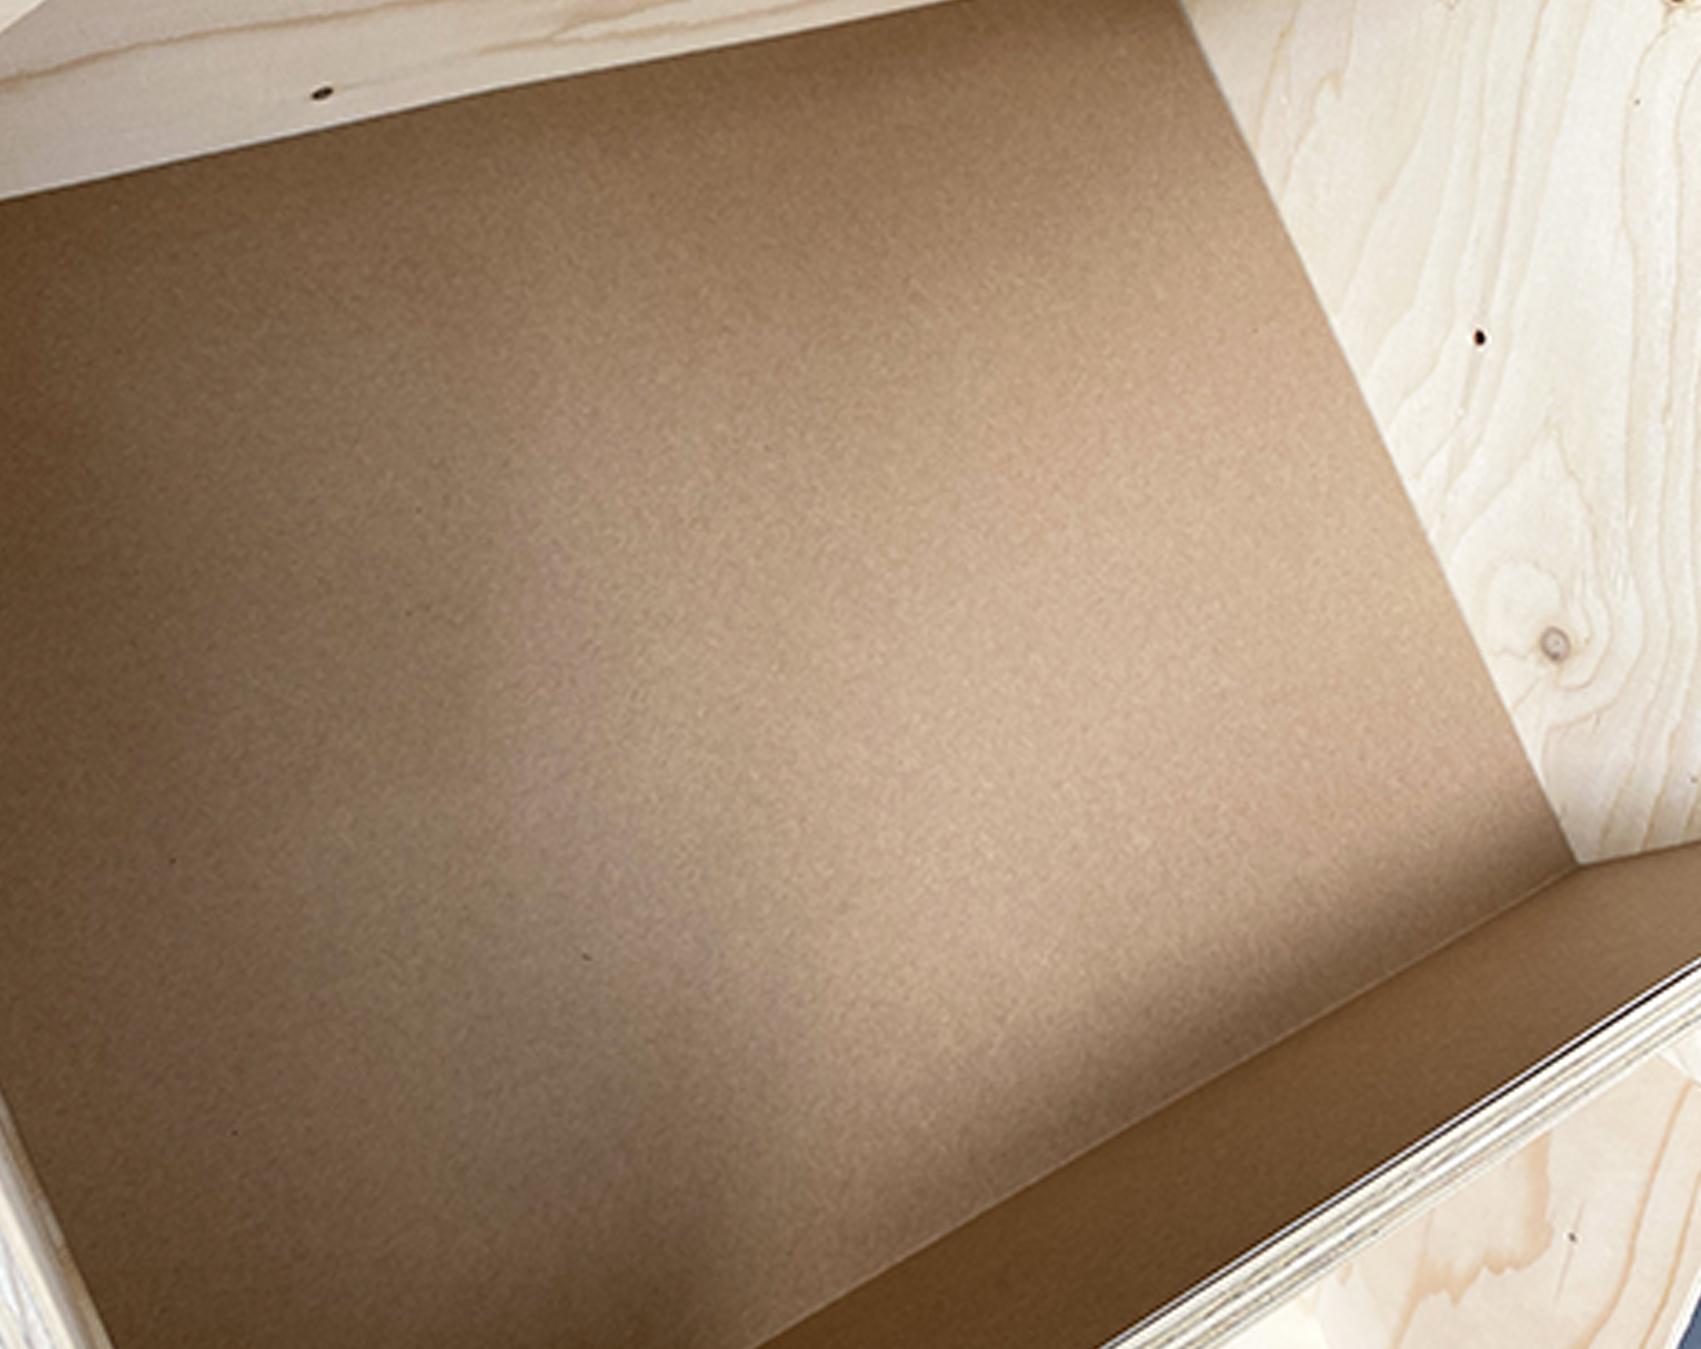 carton-protecteur-casier-izzibox